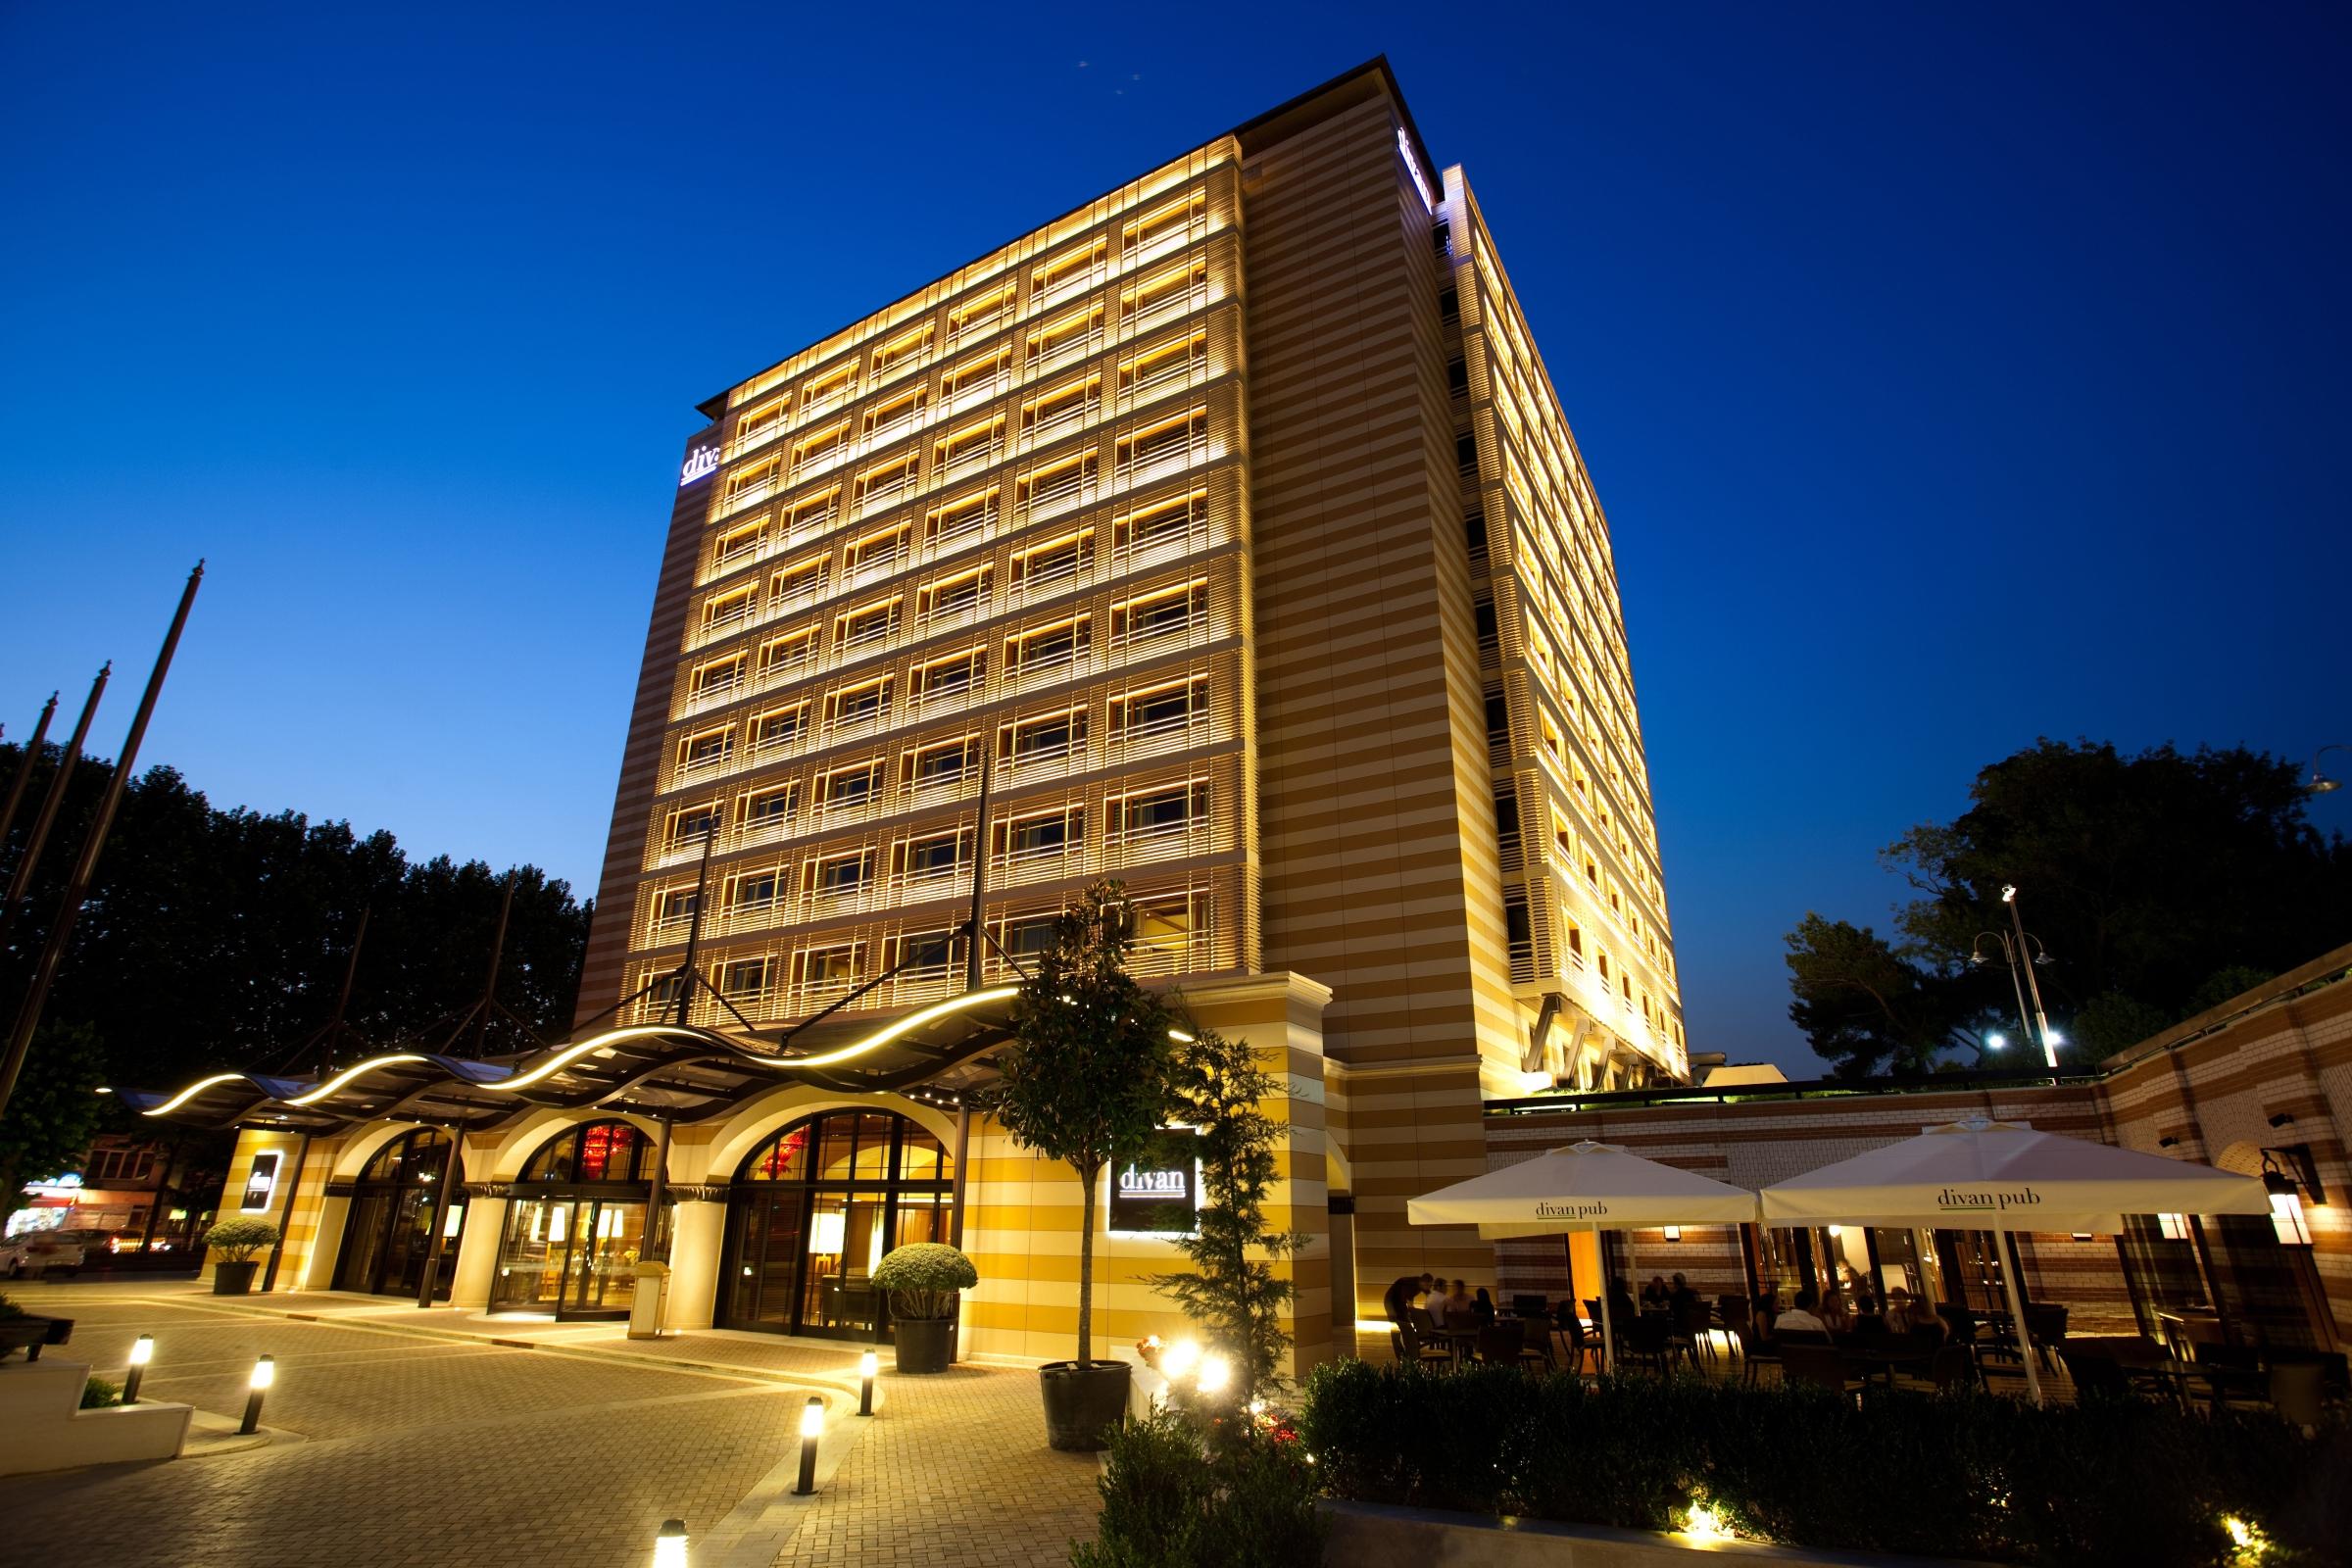 هتل های میدان تکسیم استانبول